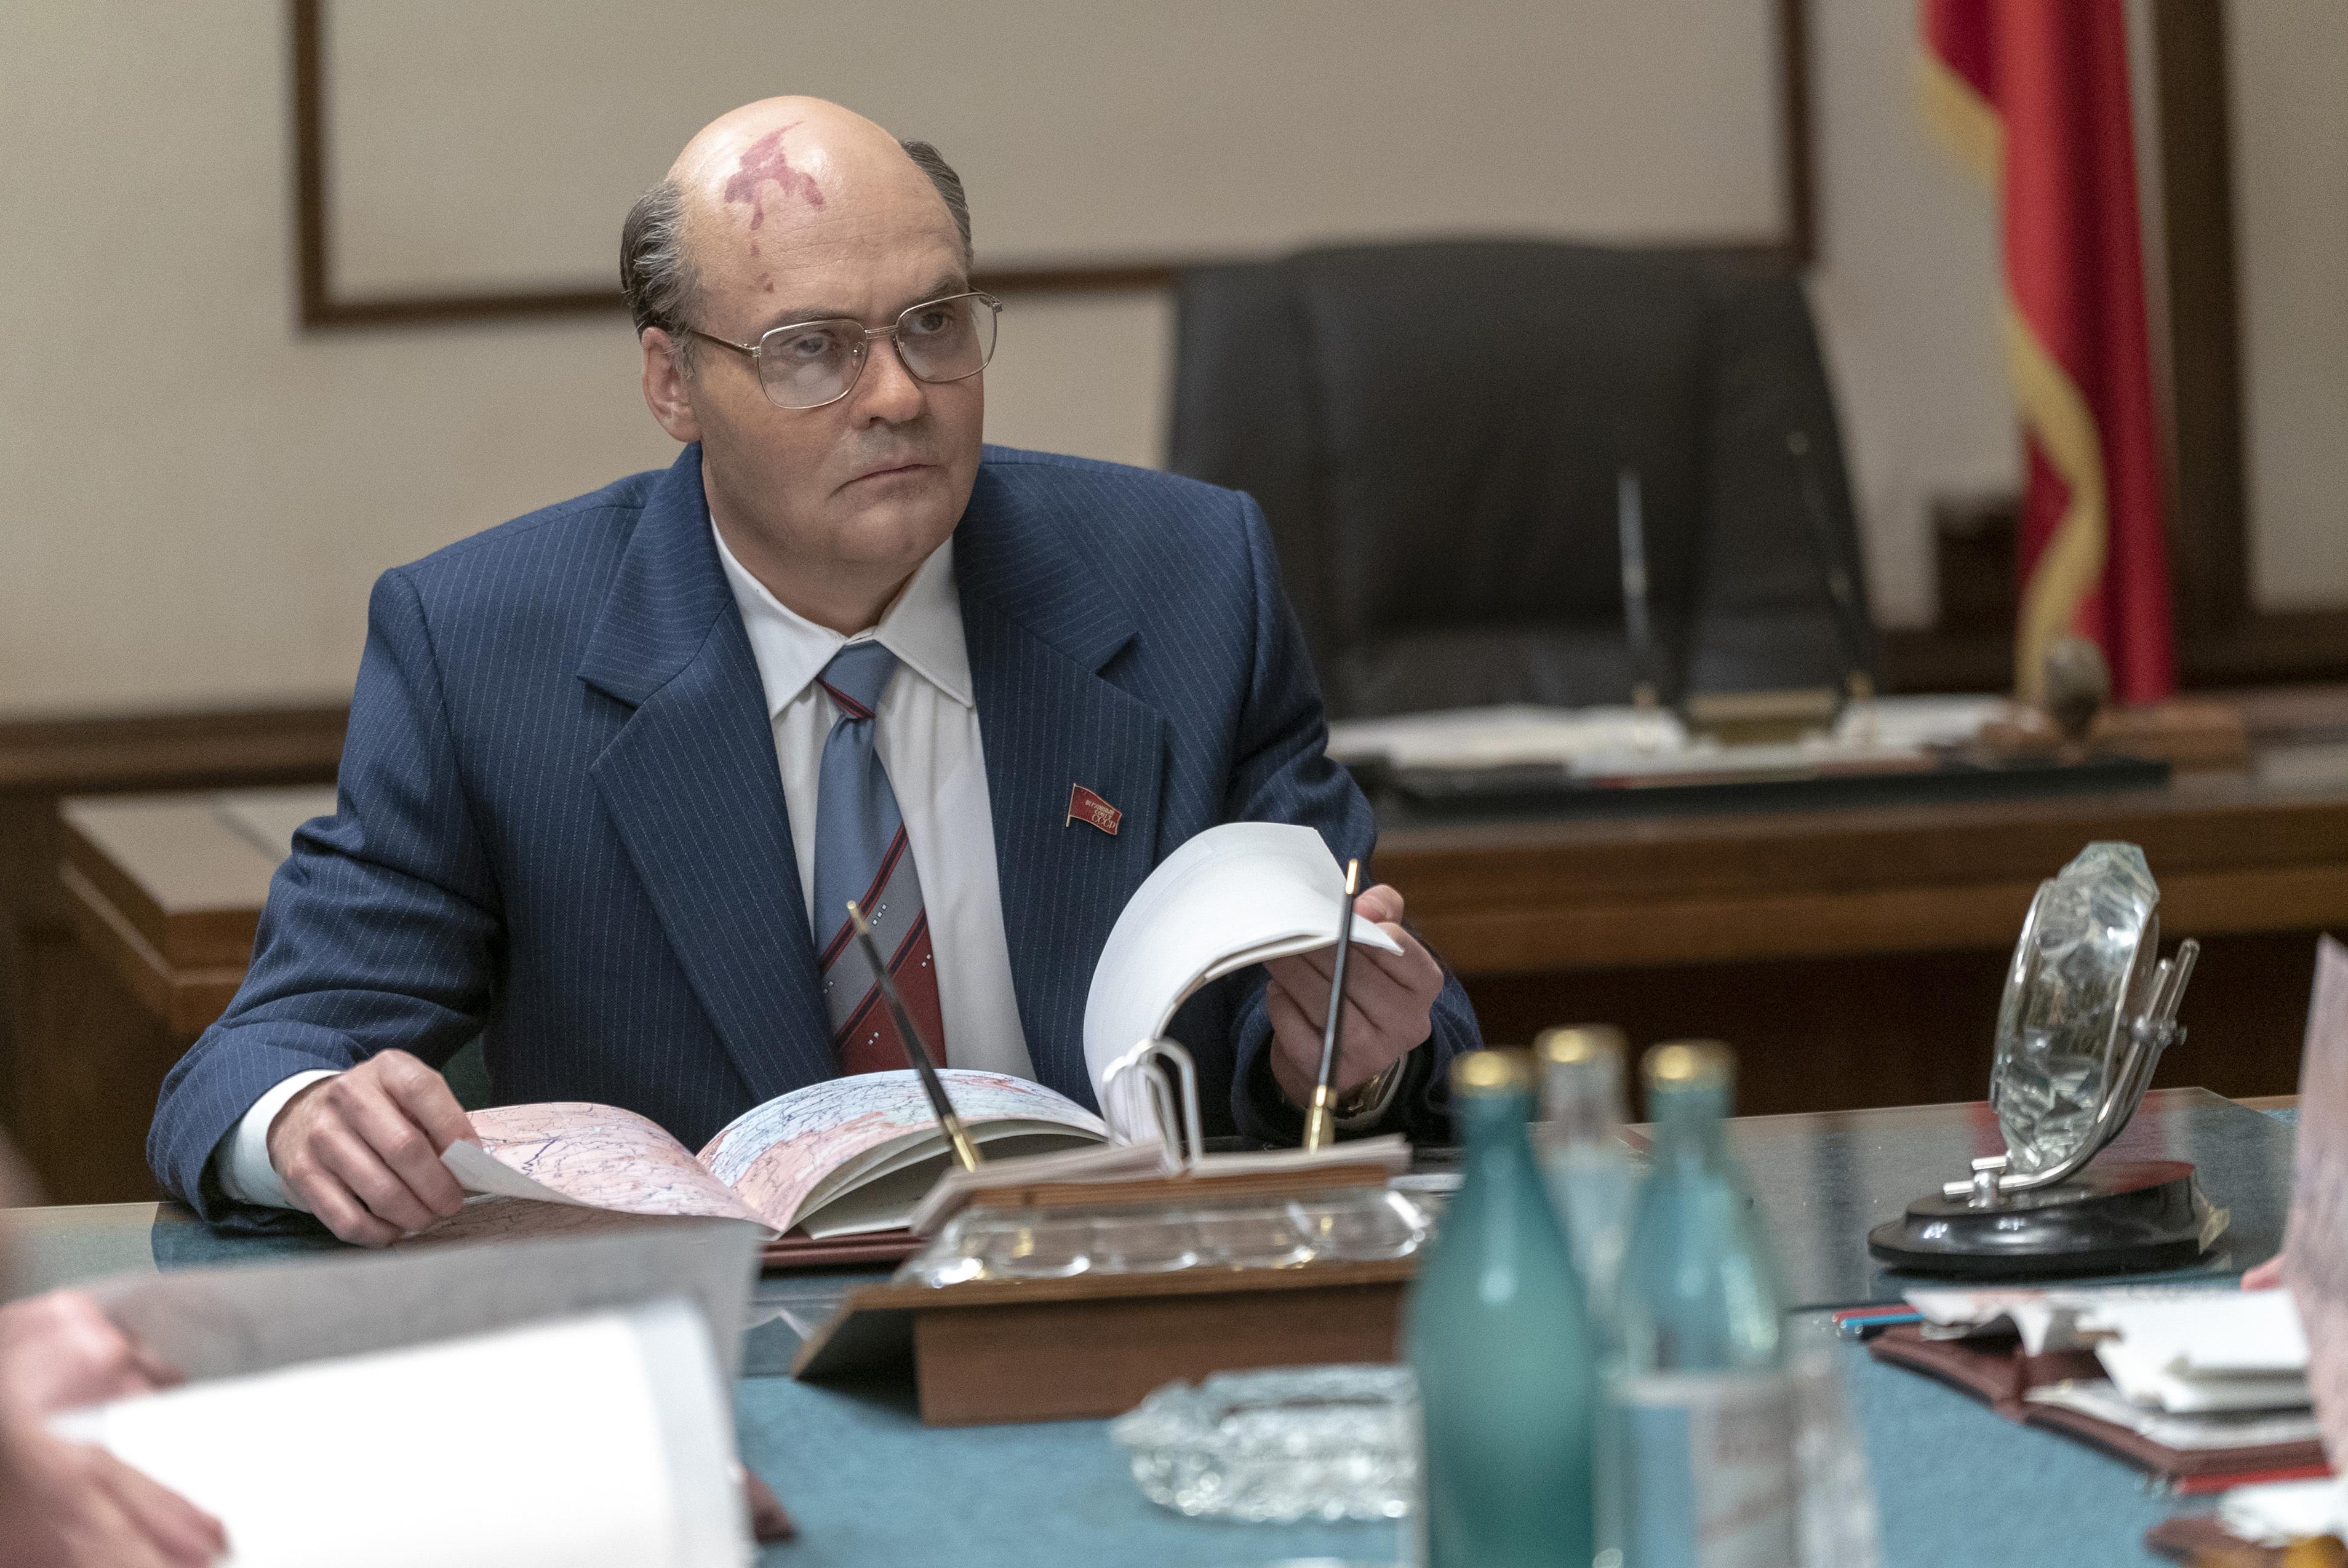 Resultado de imagem para chernobyl series gorbachev